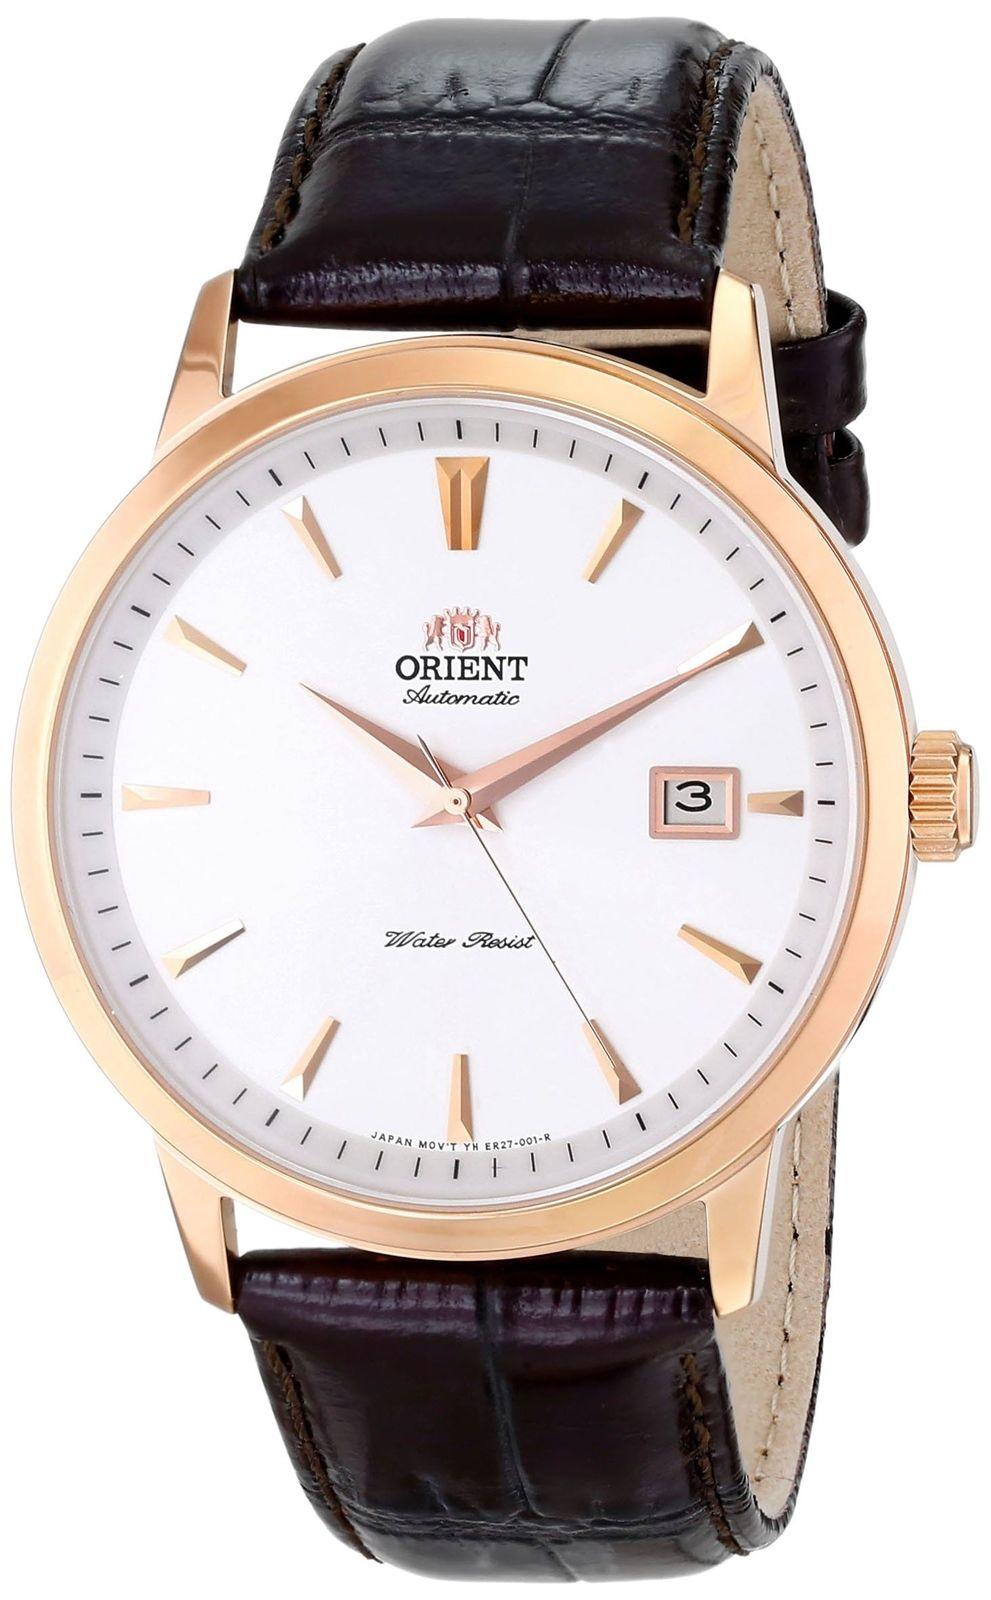 นาฬิกาผู้ชาย Orient รุ่น FER27003W0, Symphony Automatic